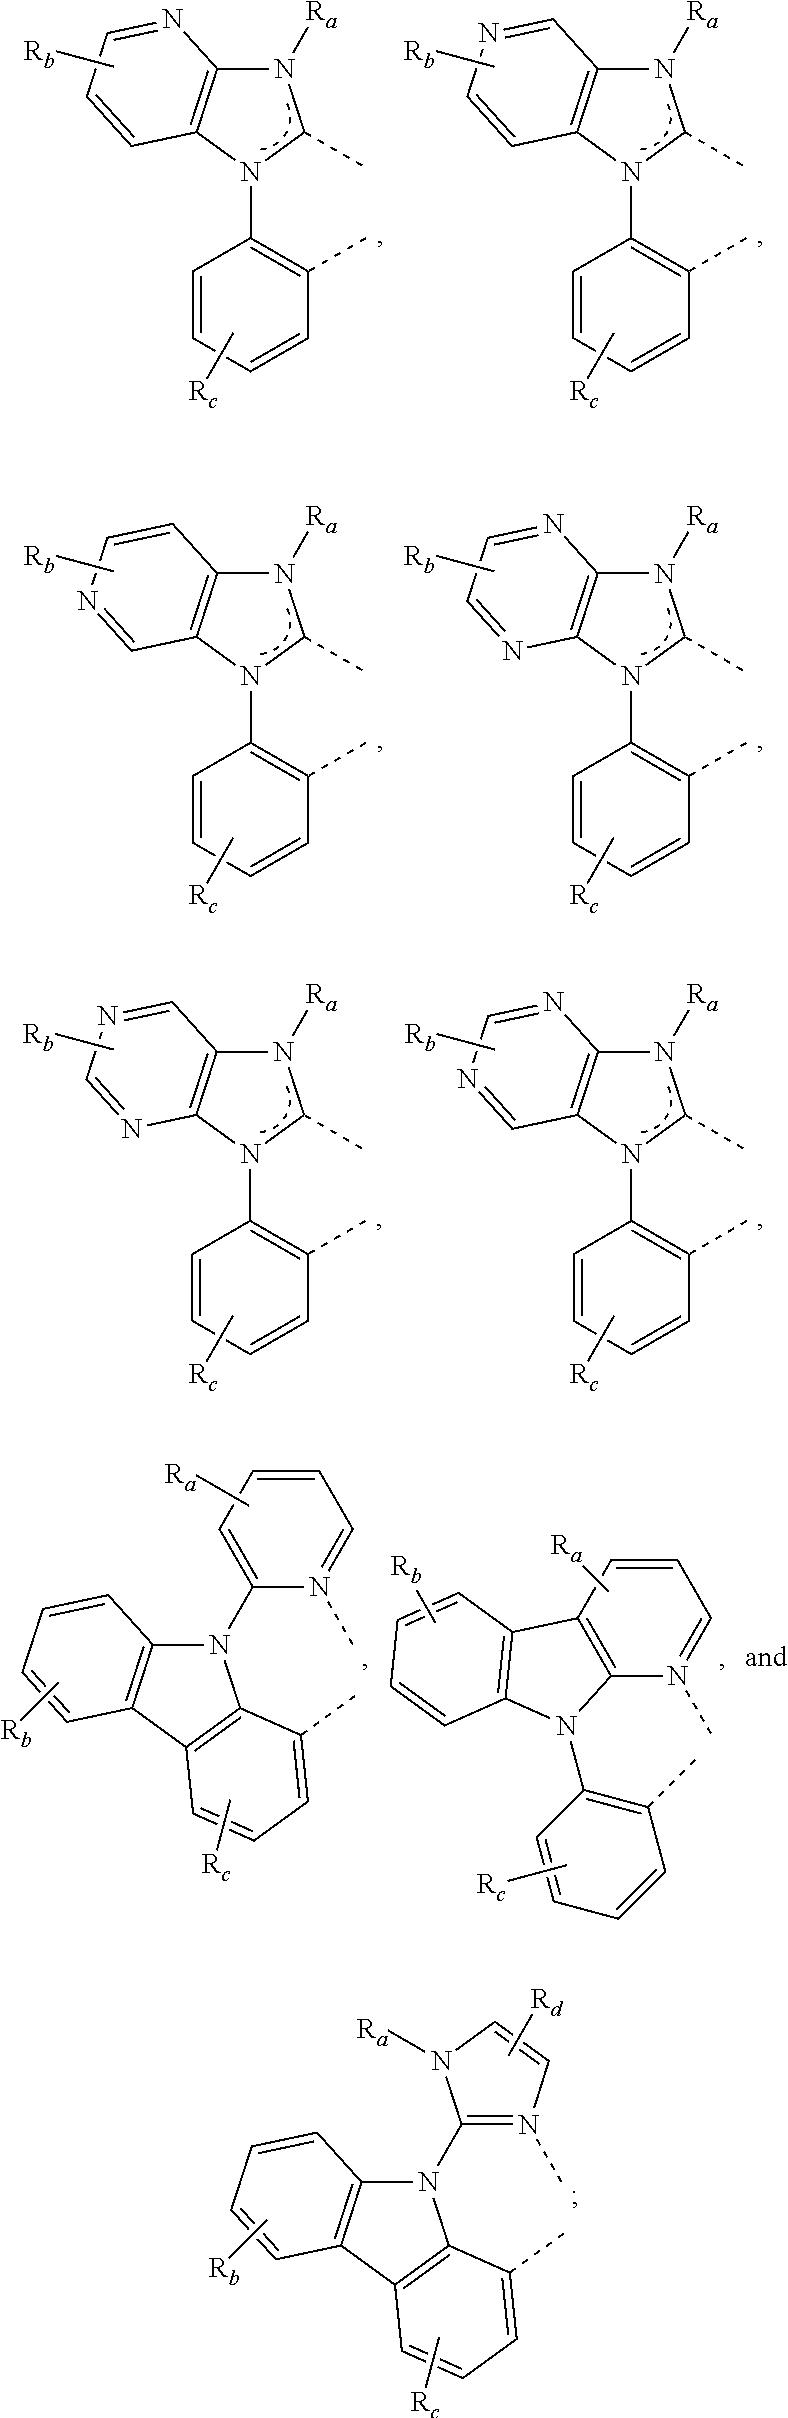 Figure US09673401-20170606-C00025